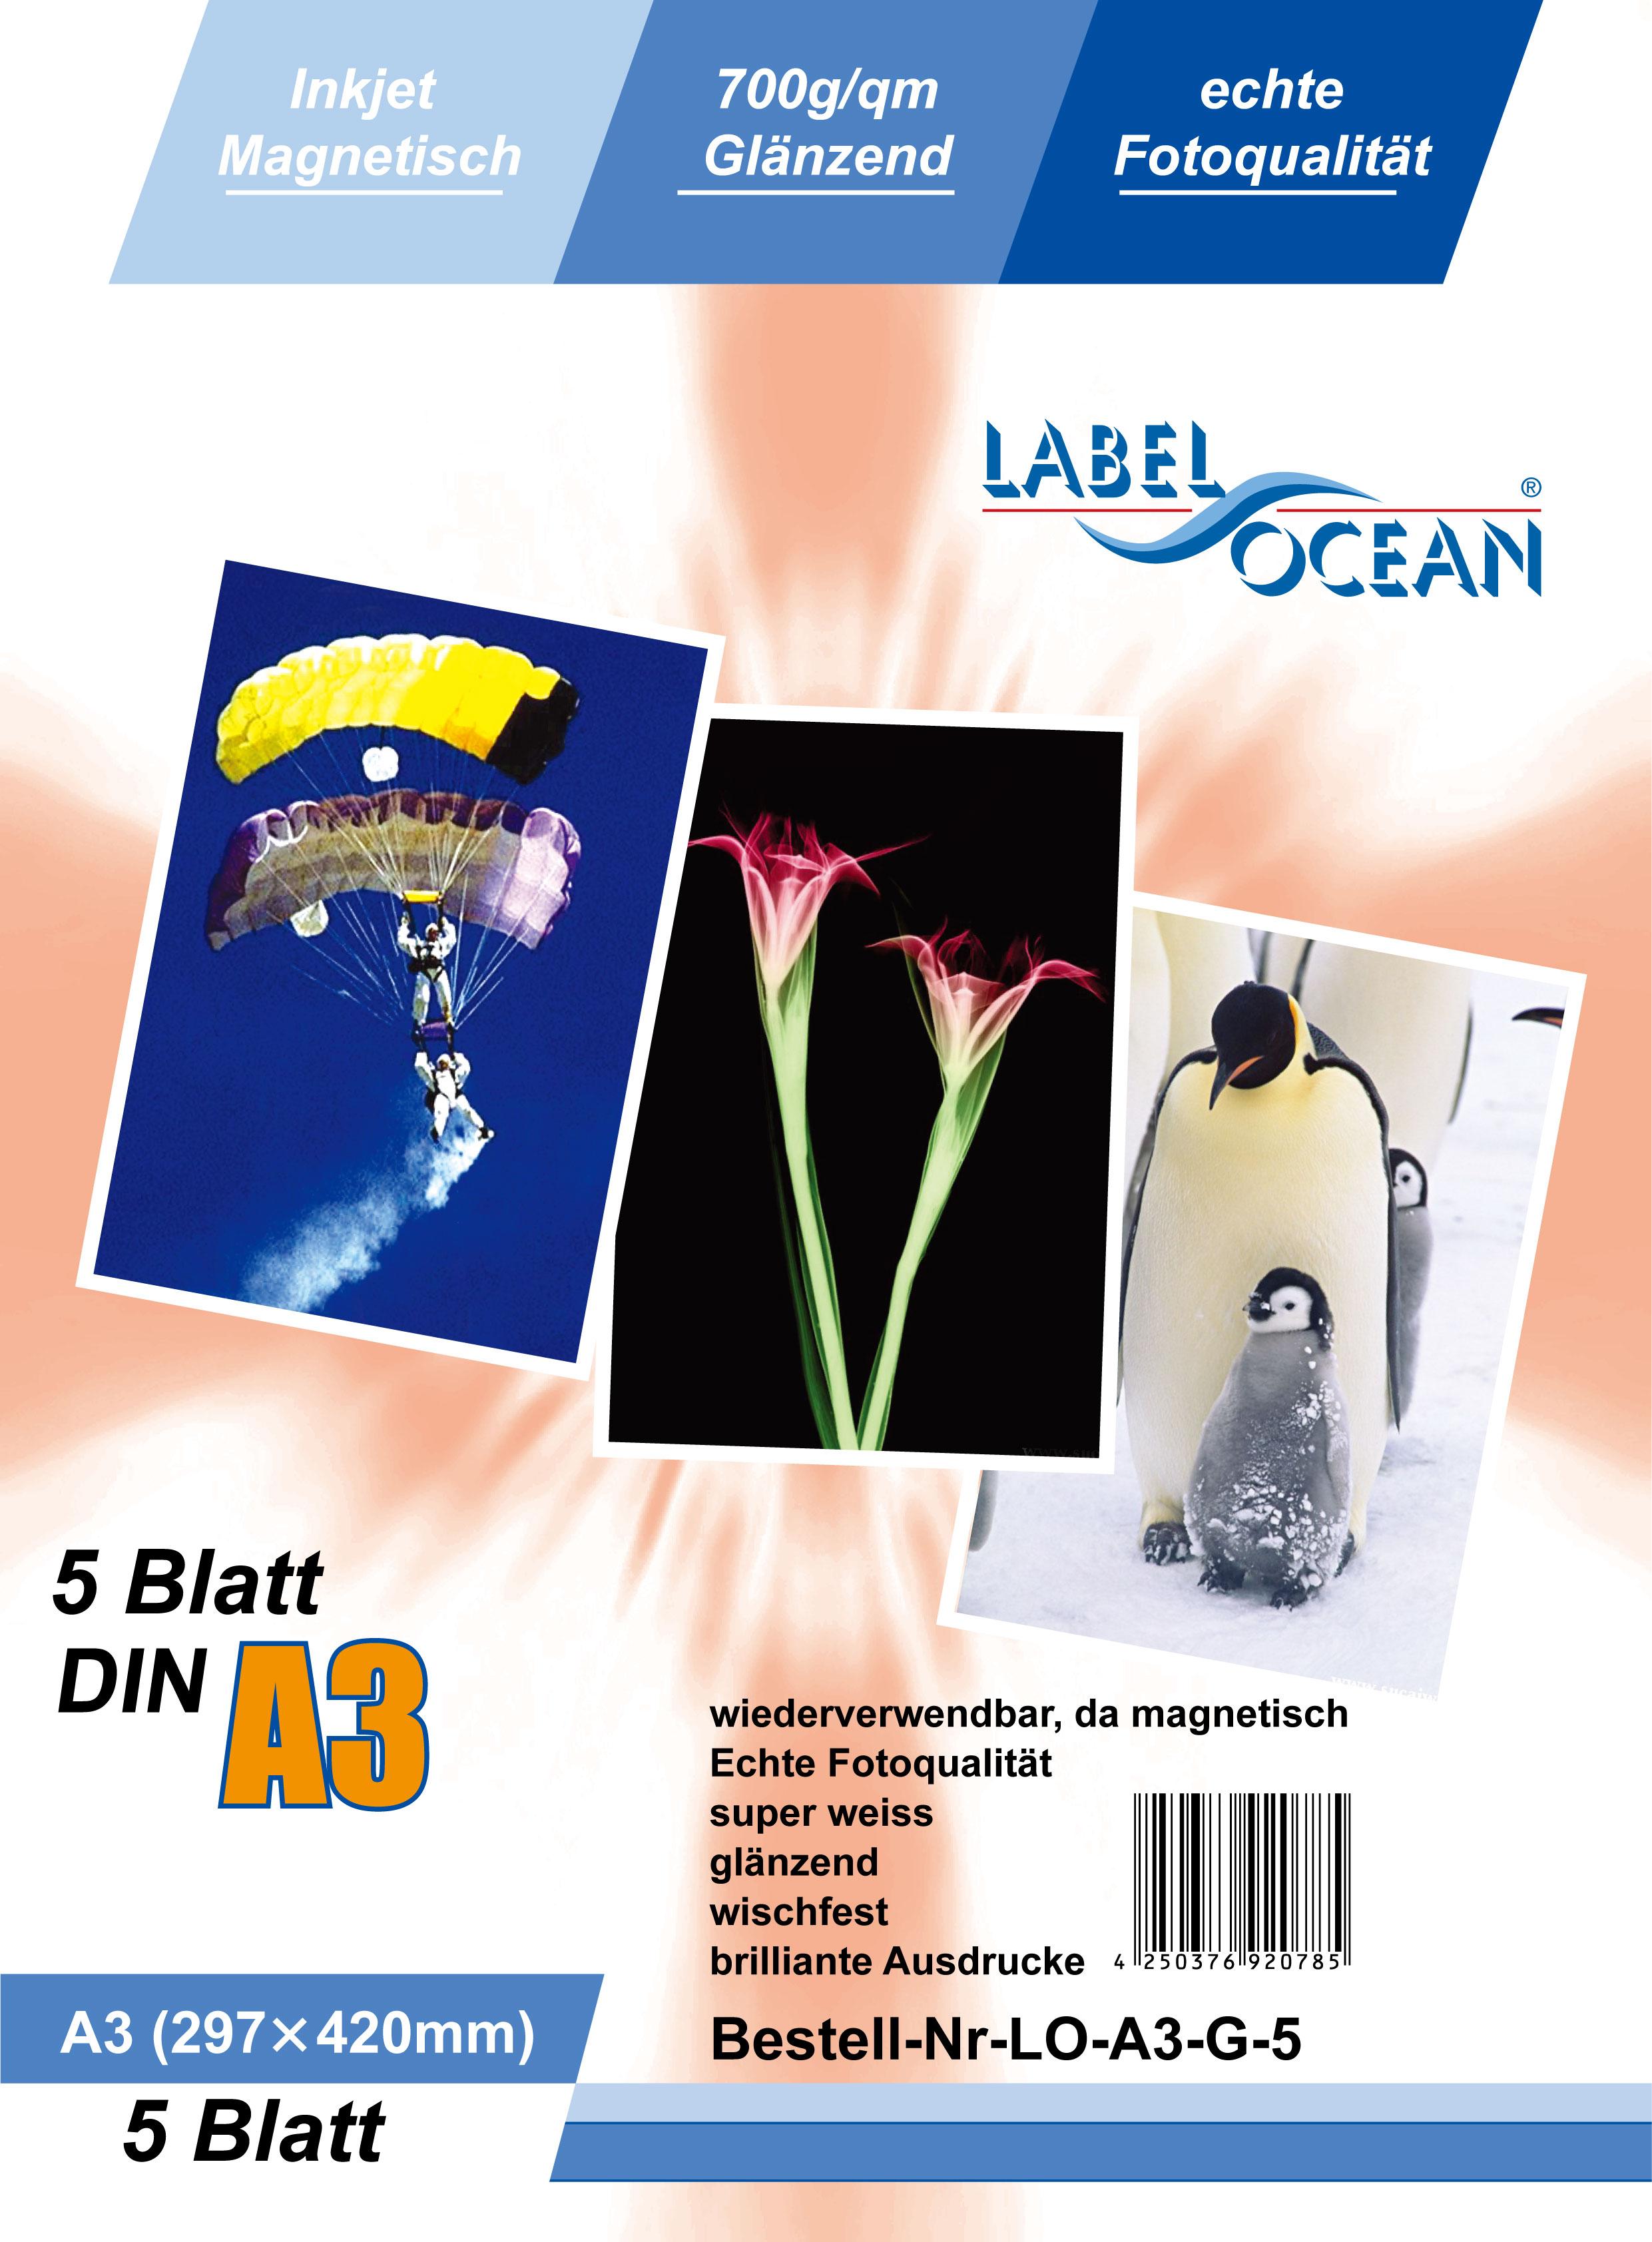 Origineel Premium magnetisch papier van LabelOcean® -LO-A3-G-5